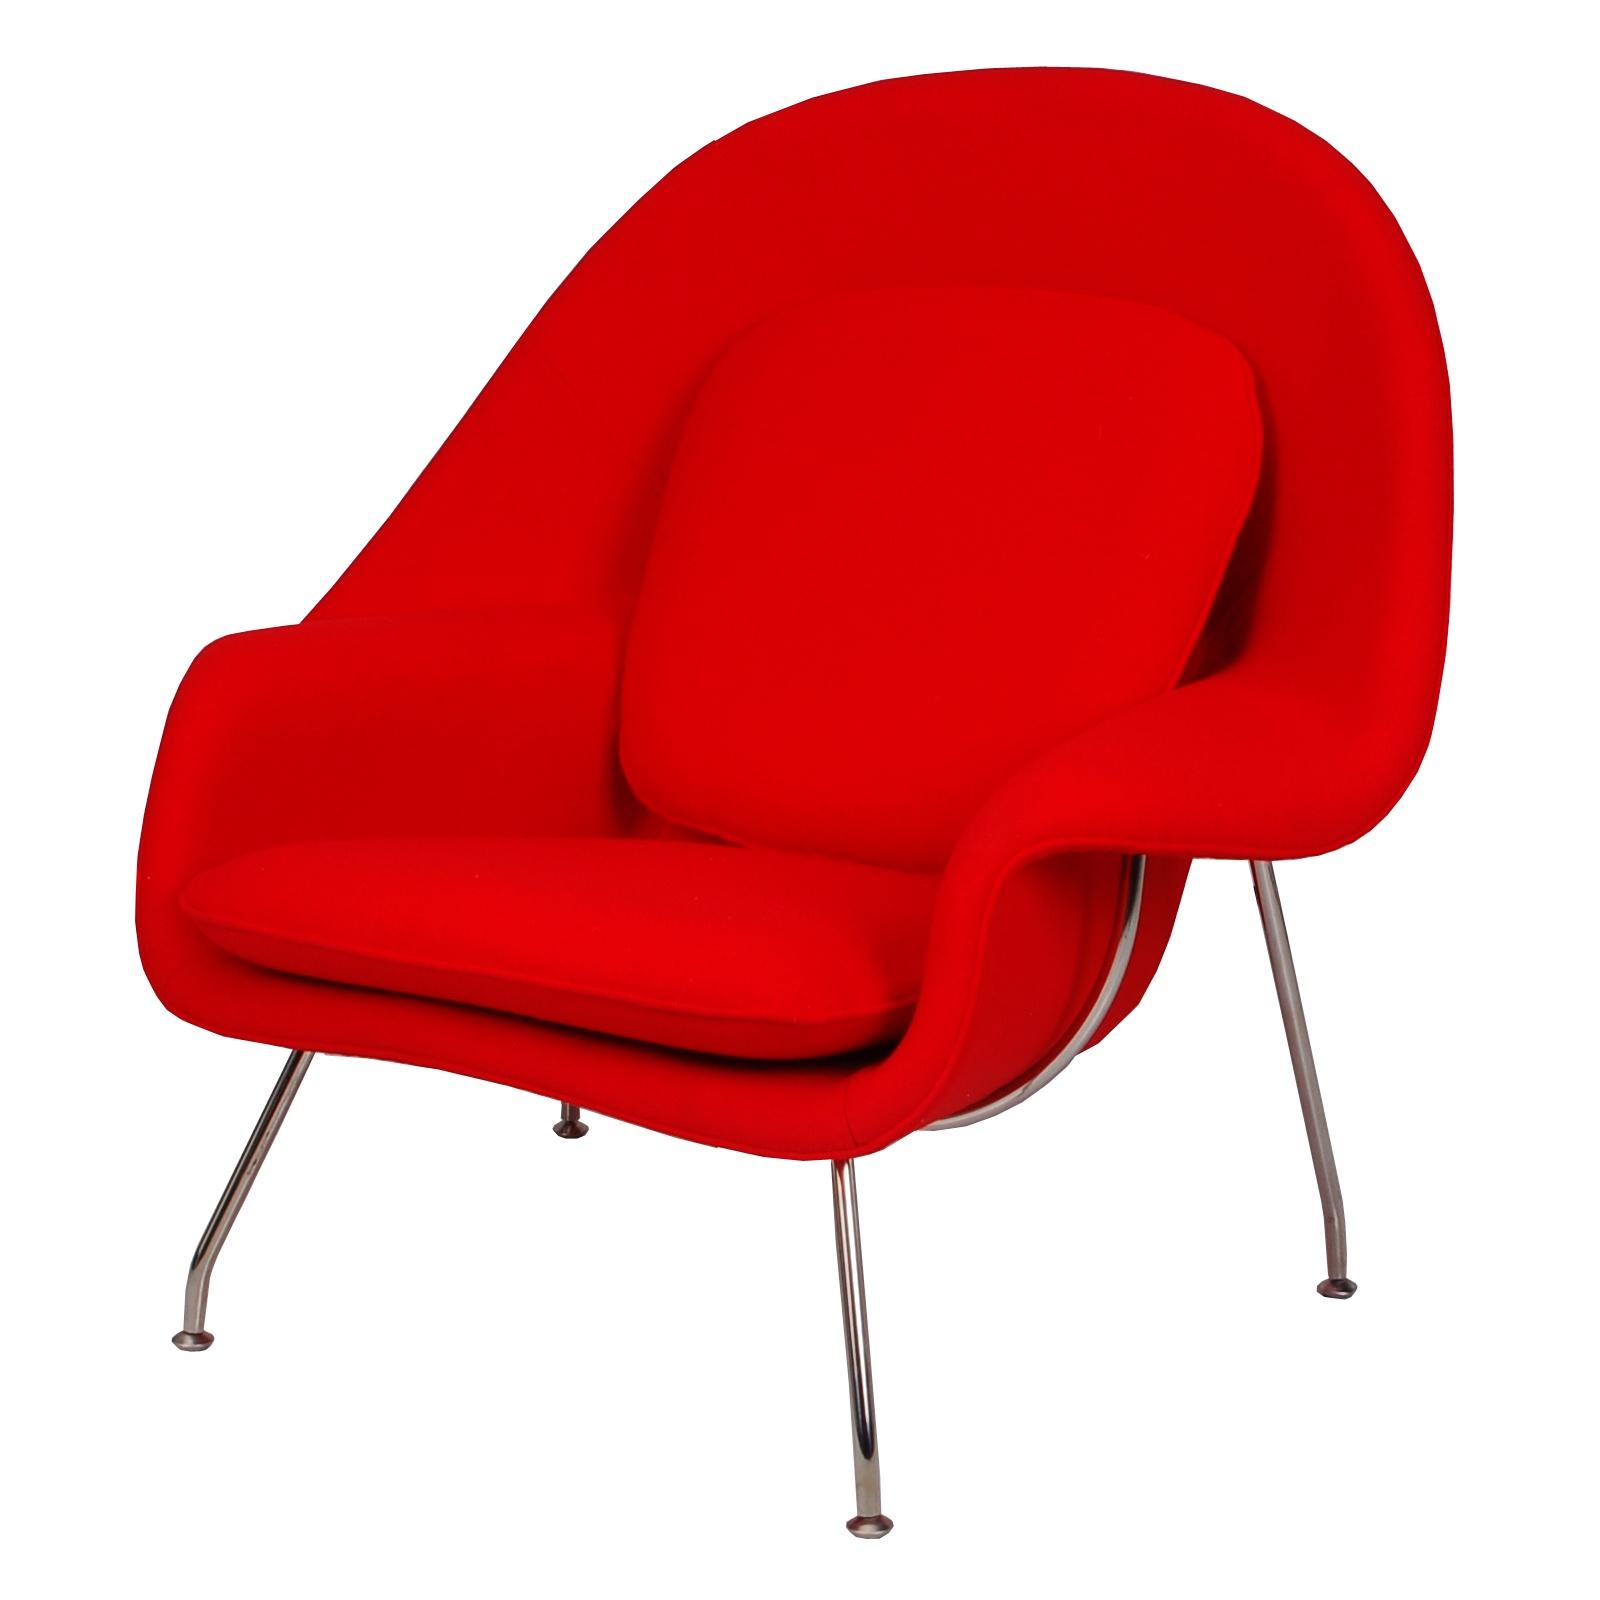 Eero Saarinen Womb Chair (Red) - FormDecor